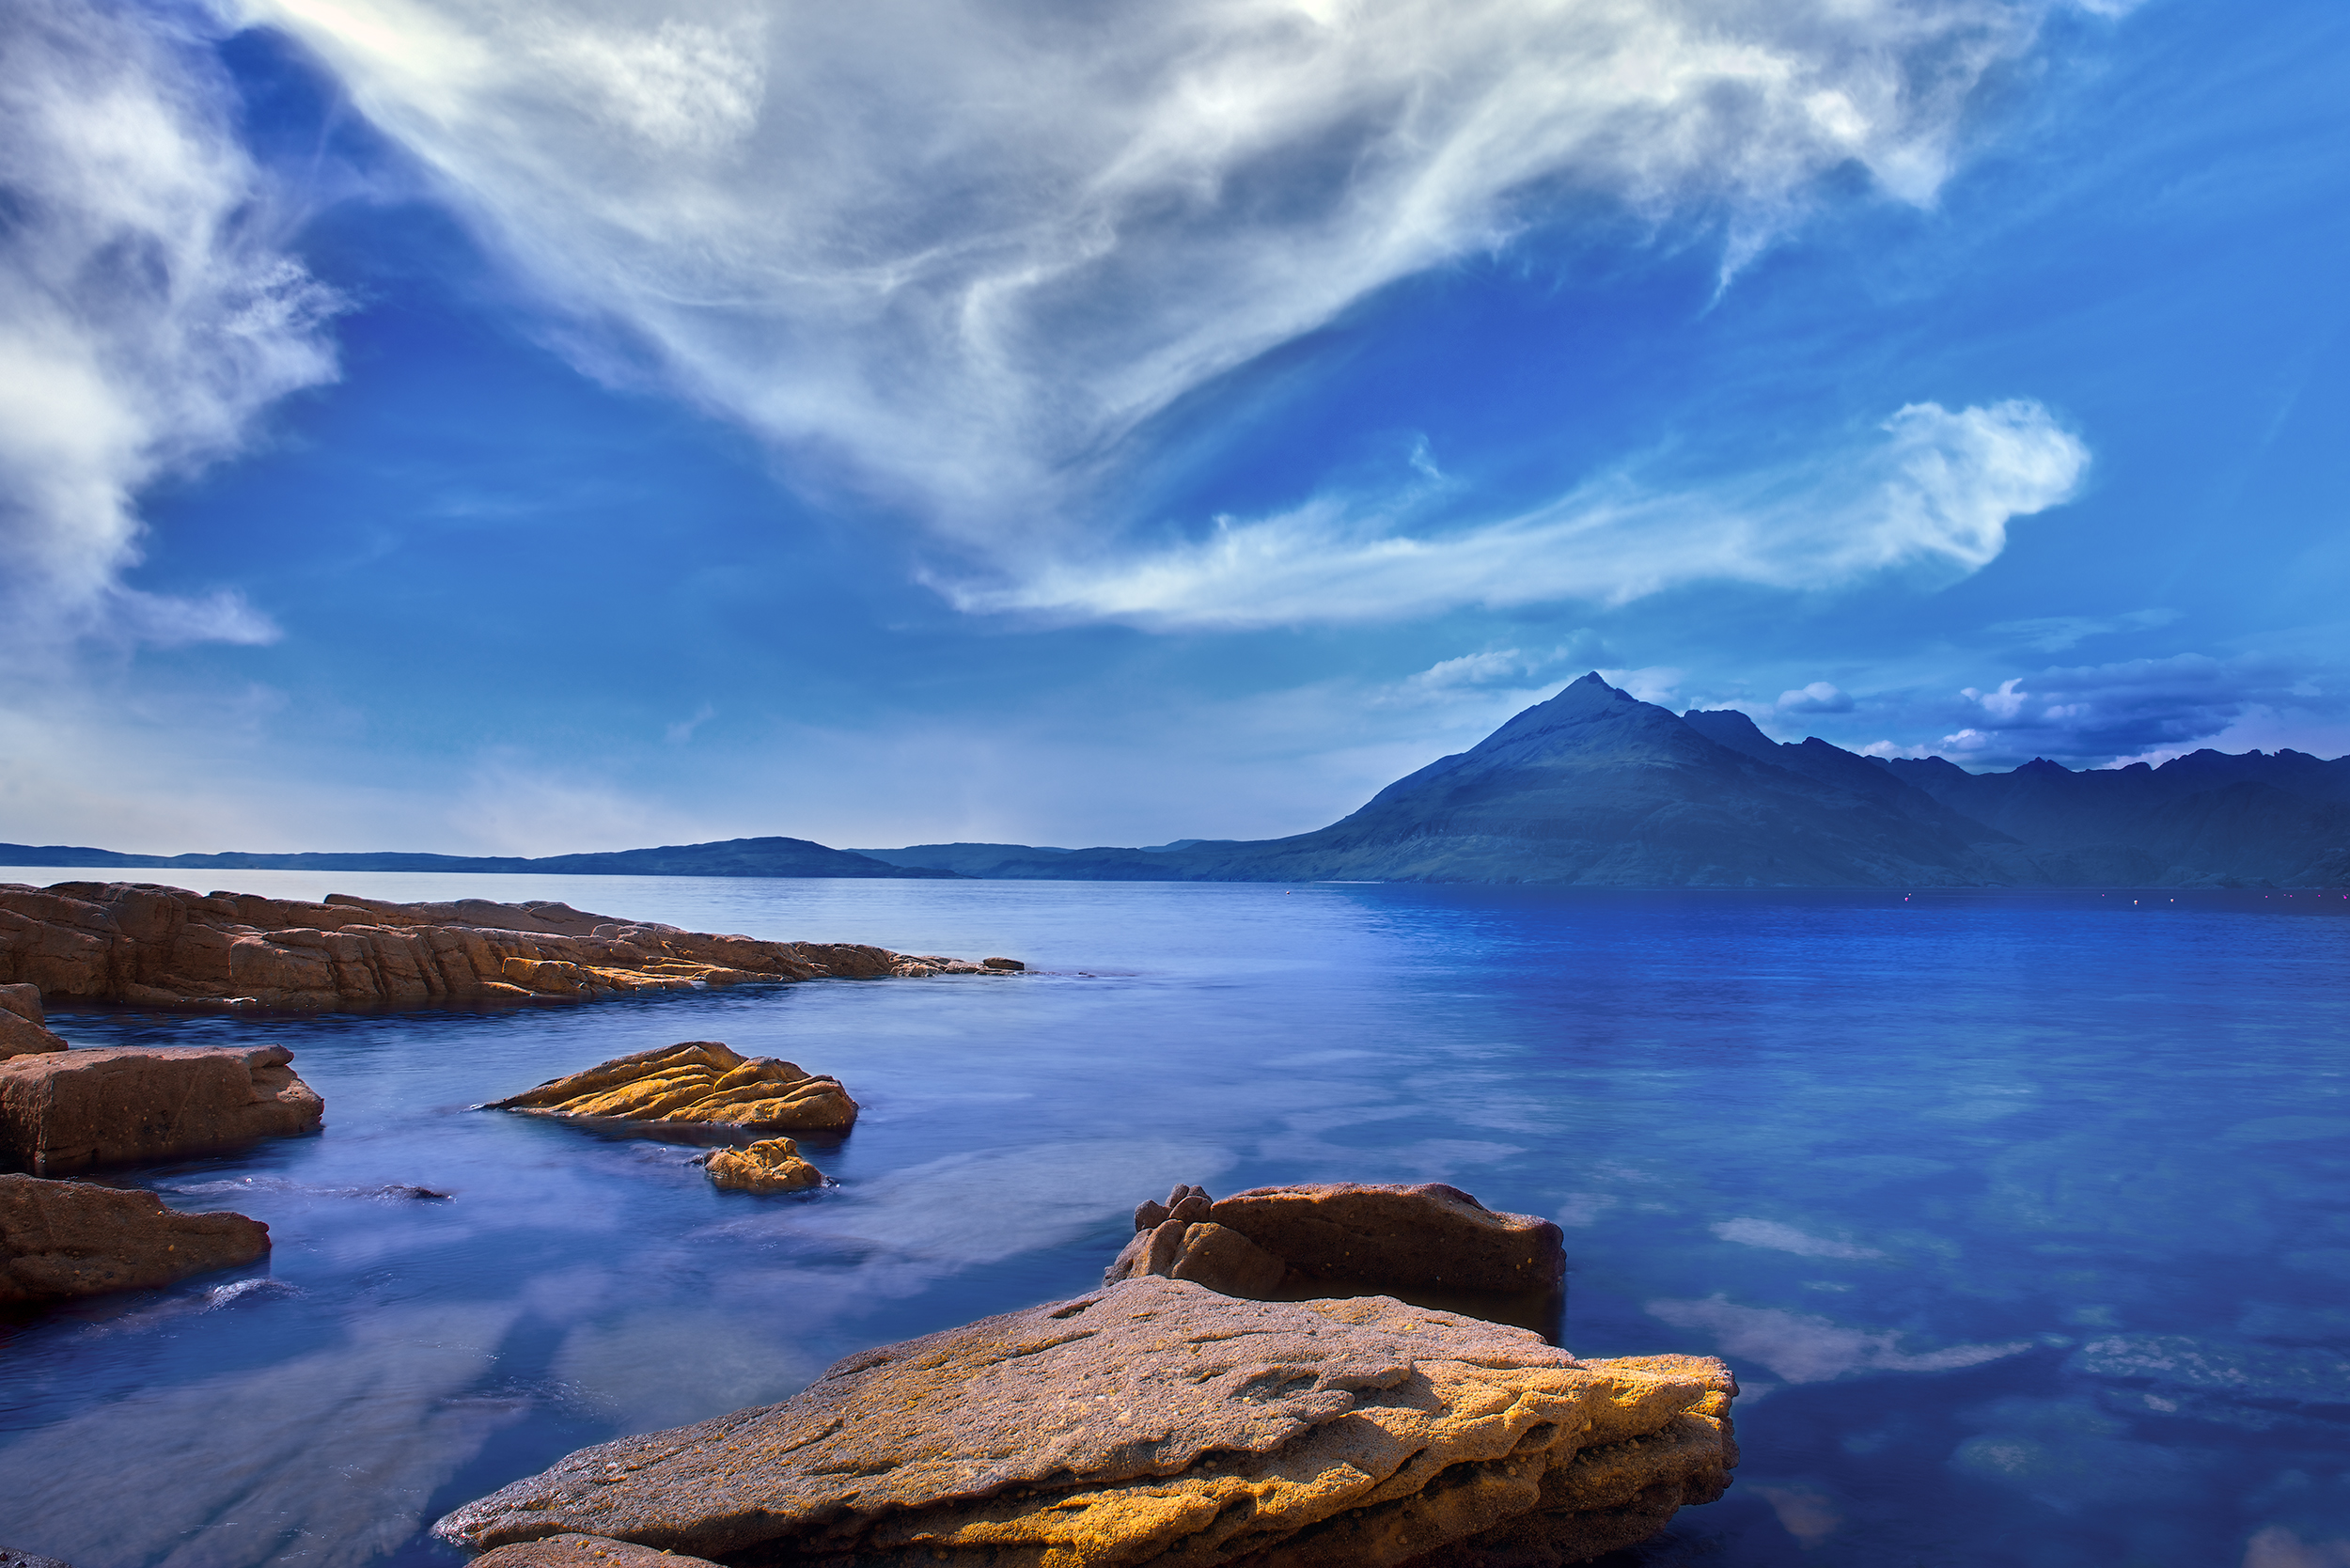 Elgol, Isle of Skye, Scotland   |  August 11, 2012